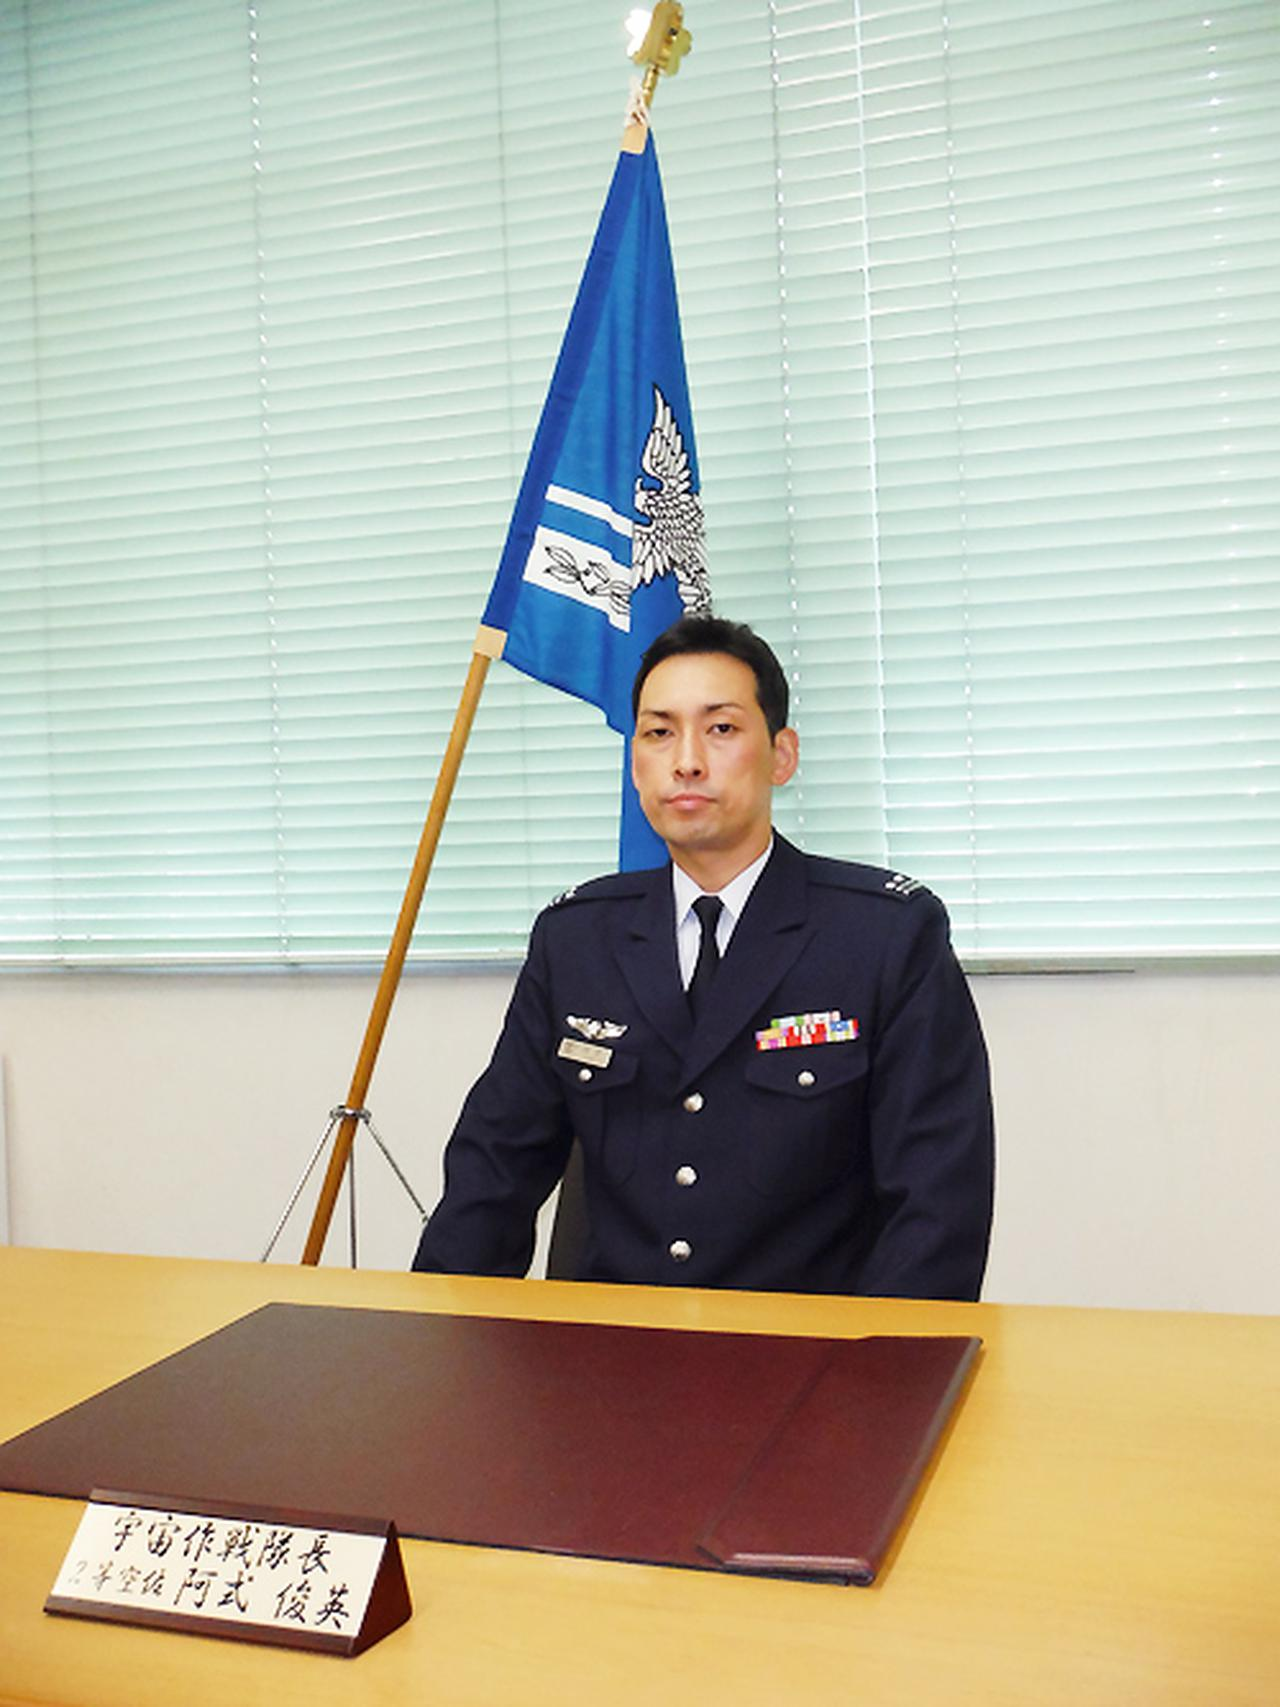 画像: 阿式 俊英(あじき・としひで)2空佐 平成13年入隊後、防大研究科で電磁波工学を学び、技術幹部に。 防大45期。42歳。島根県出身。